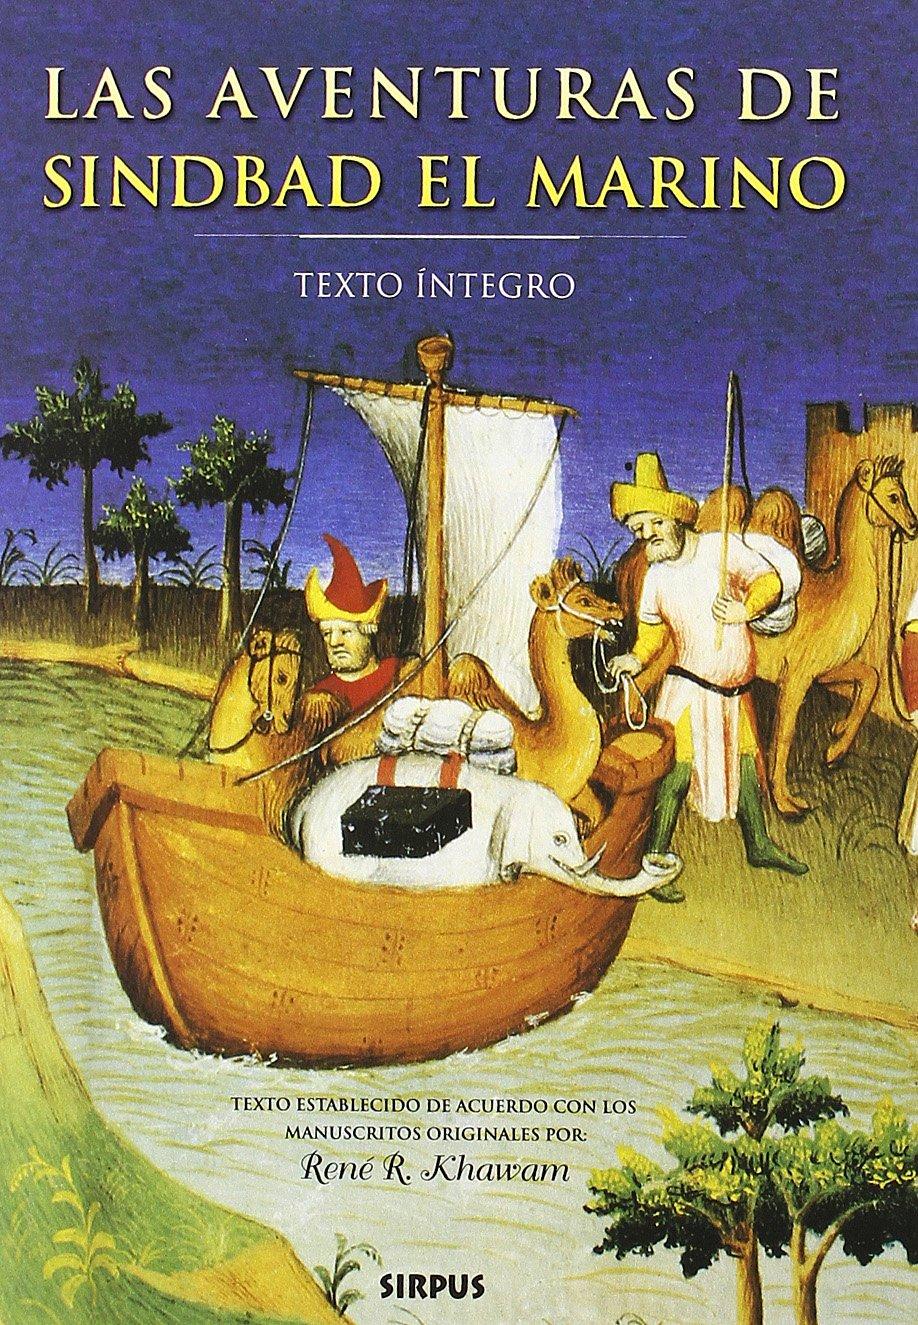 Aventuras De Sindbad El Marino, La (TRAVESÍAS) Tapa blanda – 17 nov 2011 Rene R. Khawam FRA) MANUEL (FRA SERRAT CRESPO SPA)